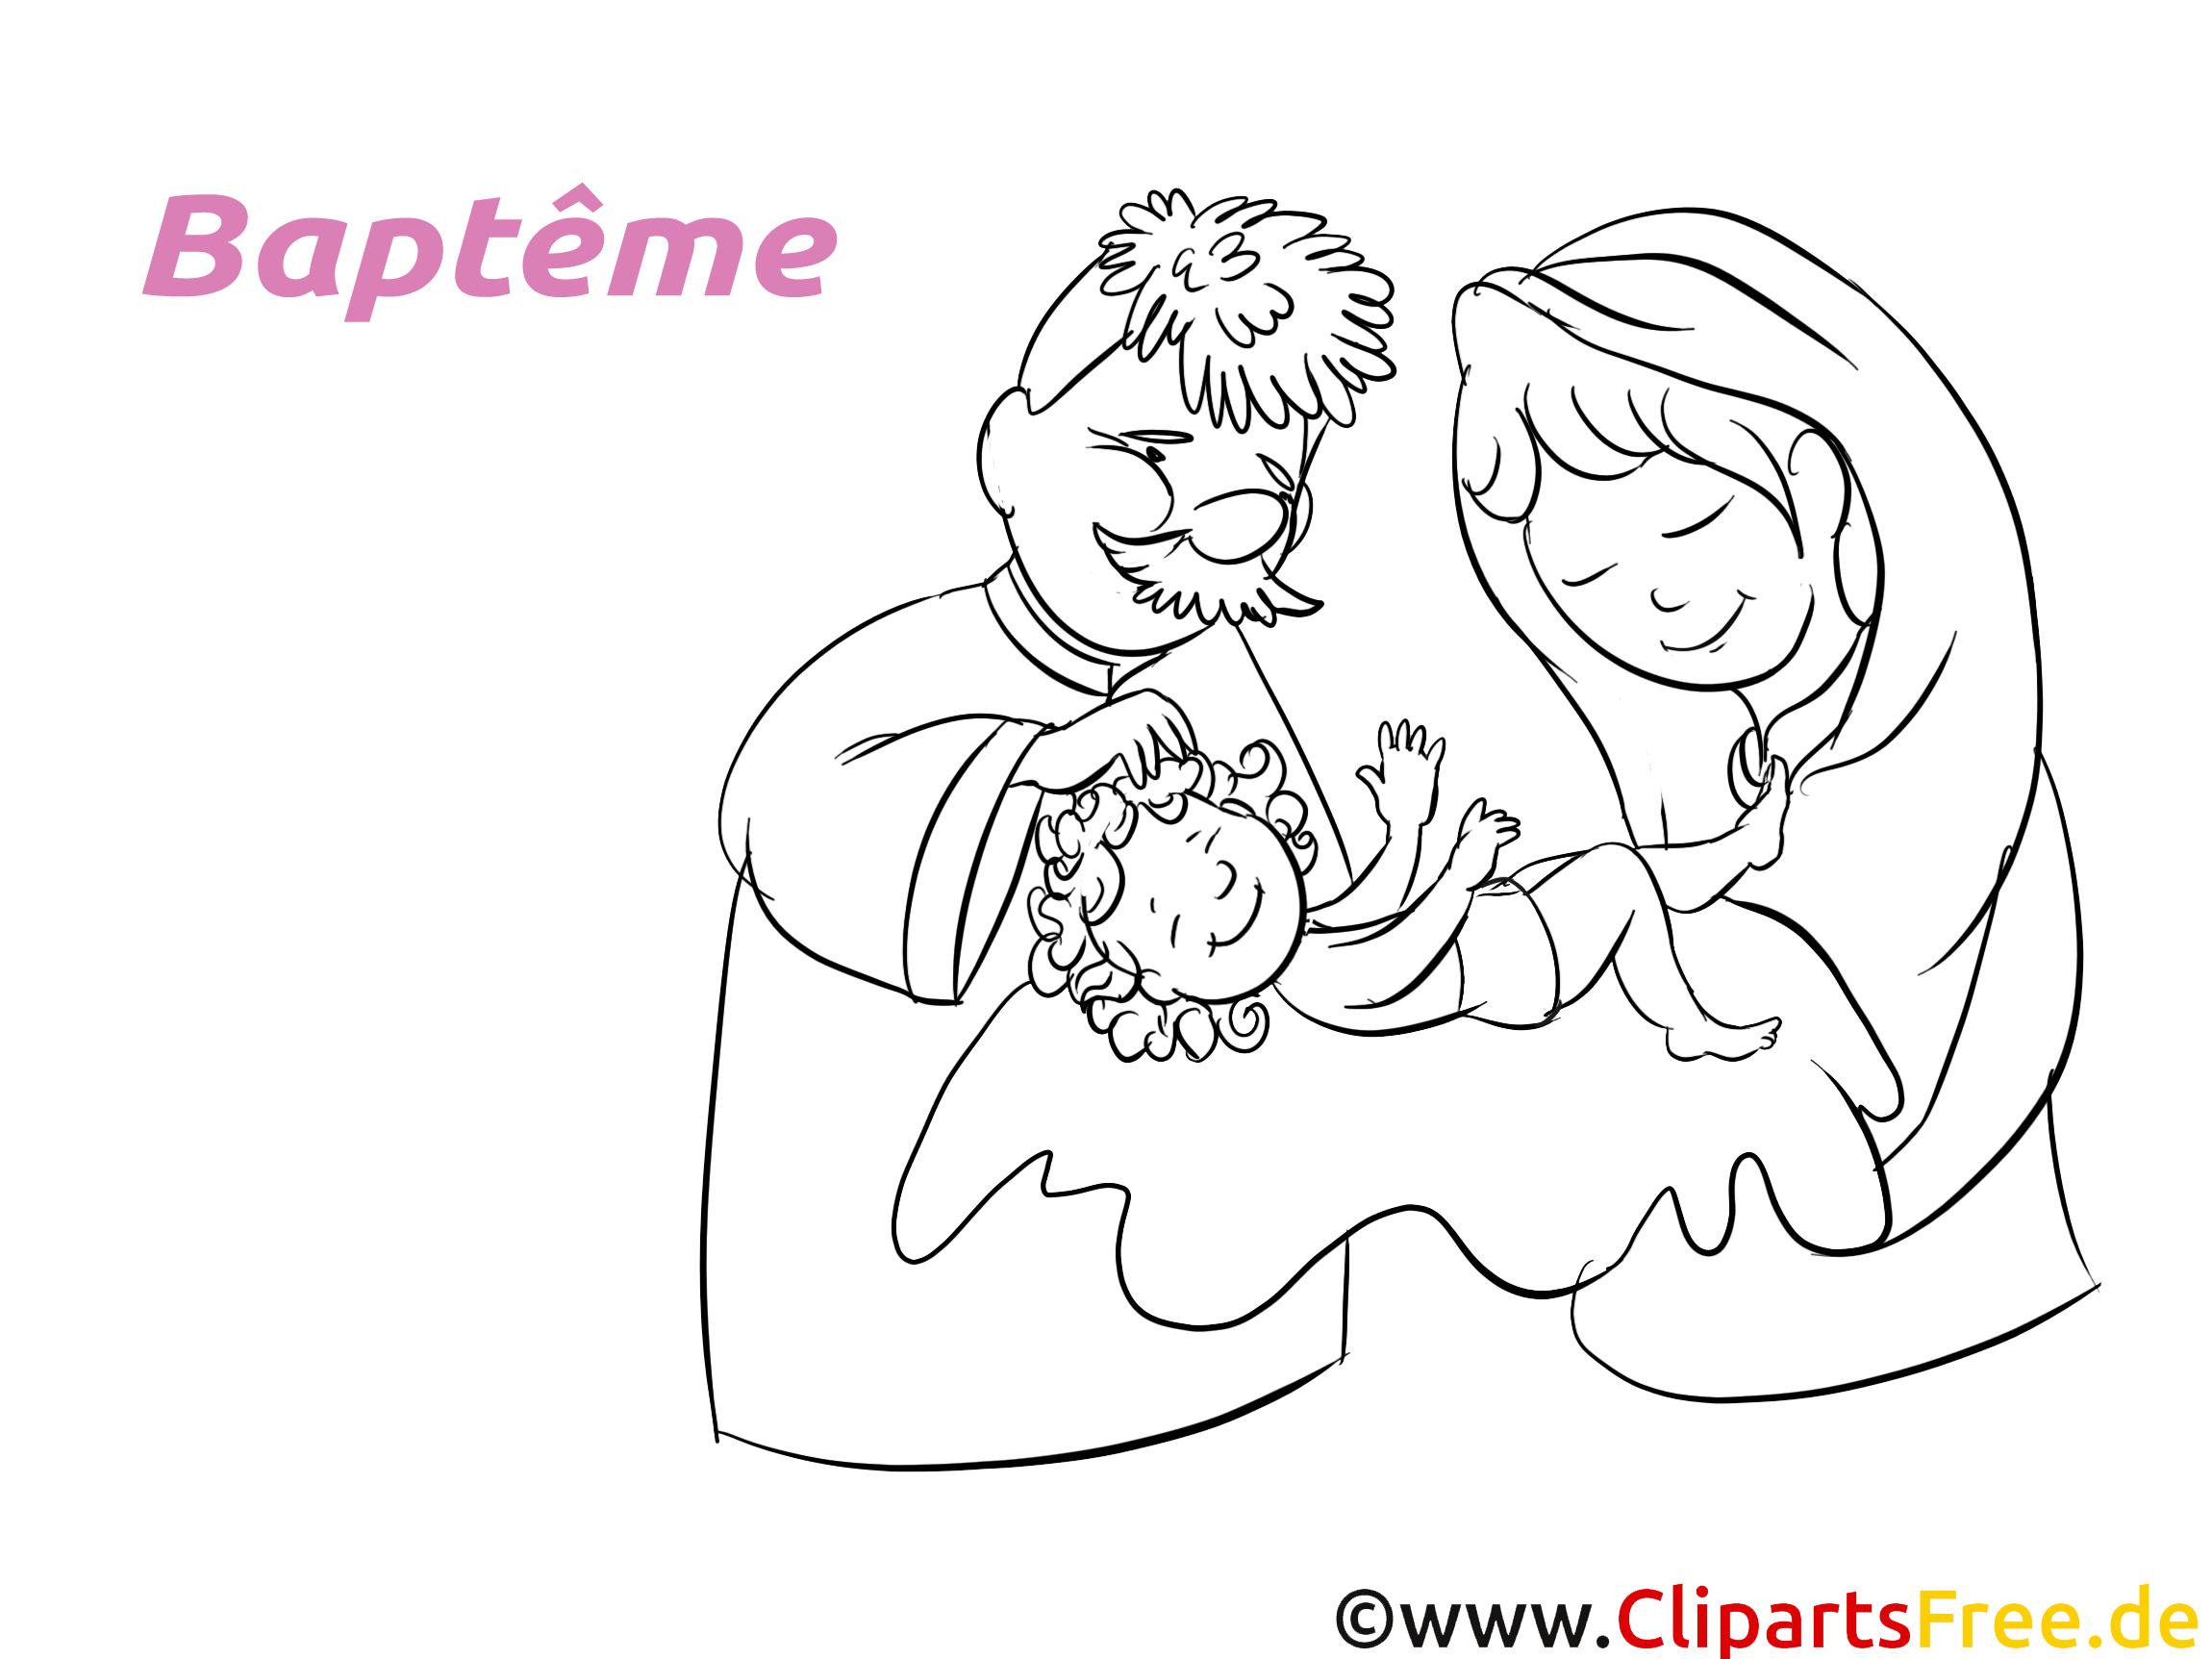 Parents image à imprimer - Baptême cliparts